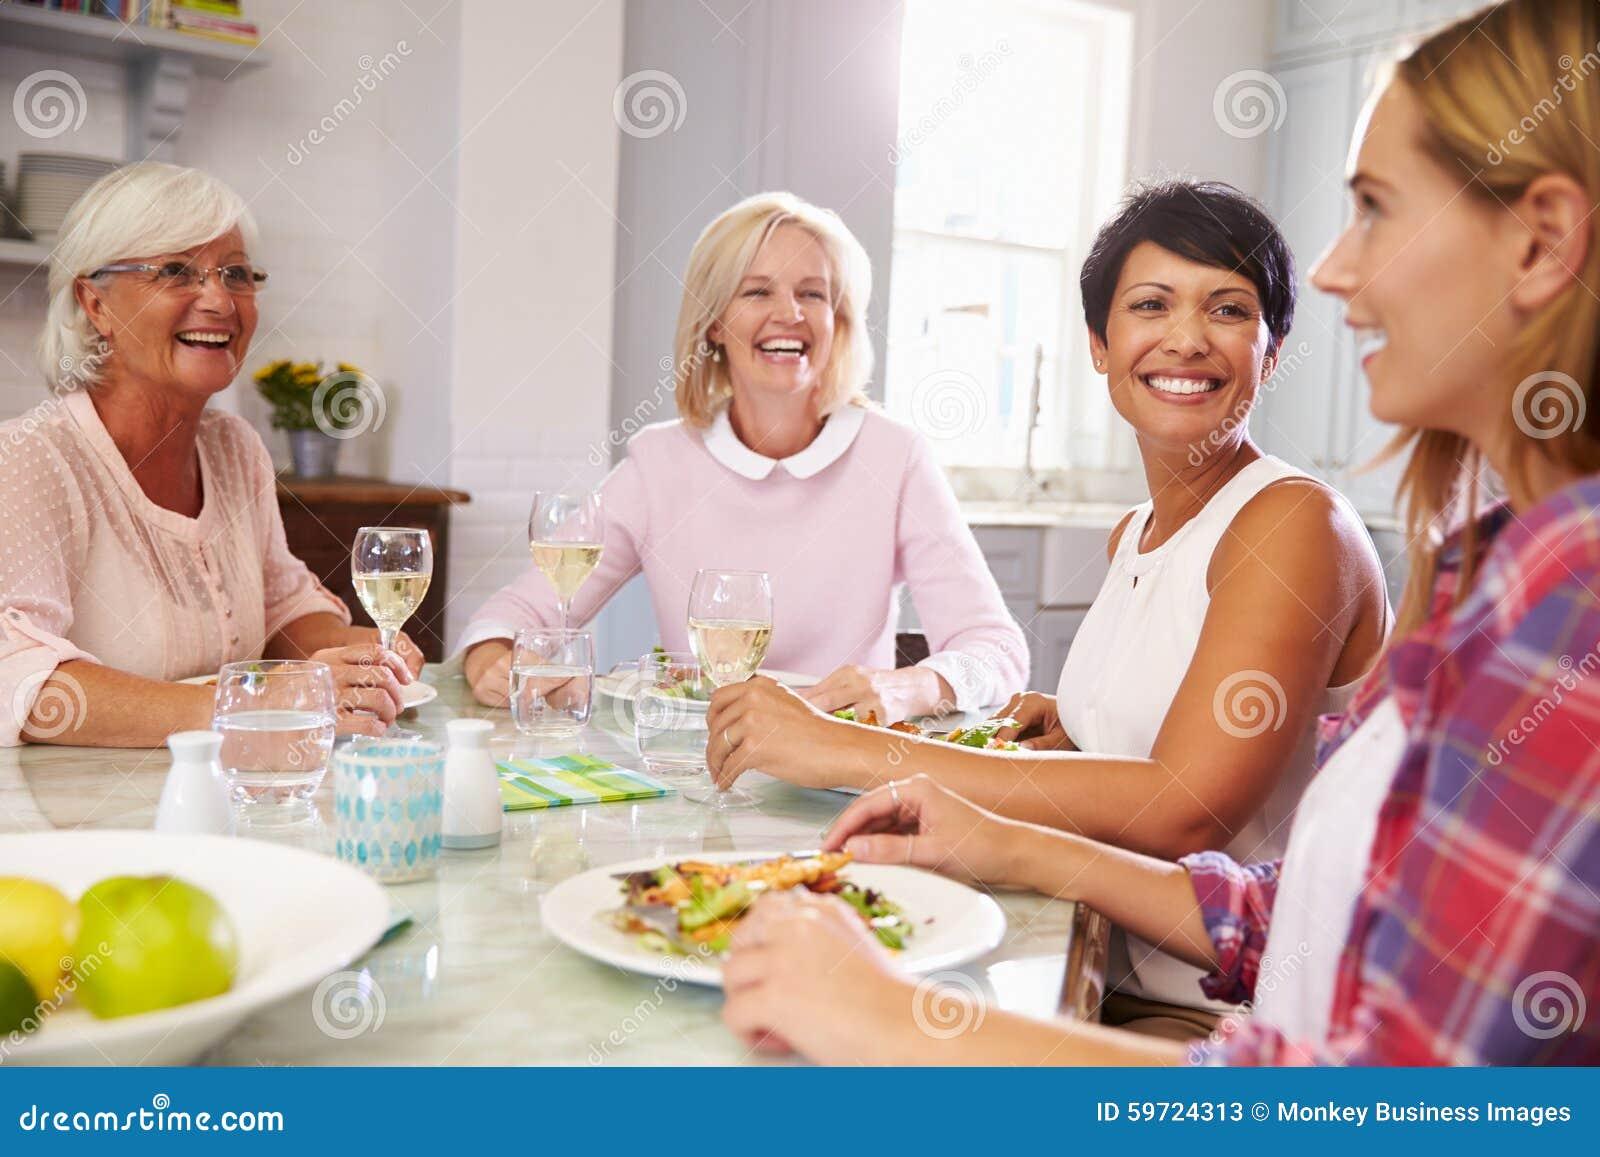 Ομάδα ώριμων θηλυκών φίλων που απολαμβάνουν το γεύμα στο σπίτι